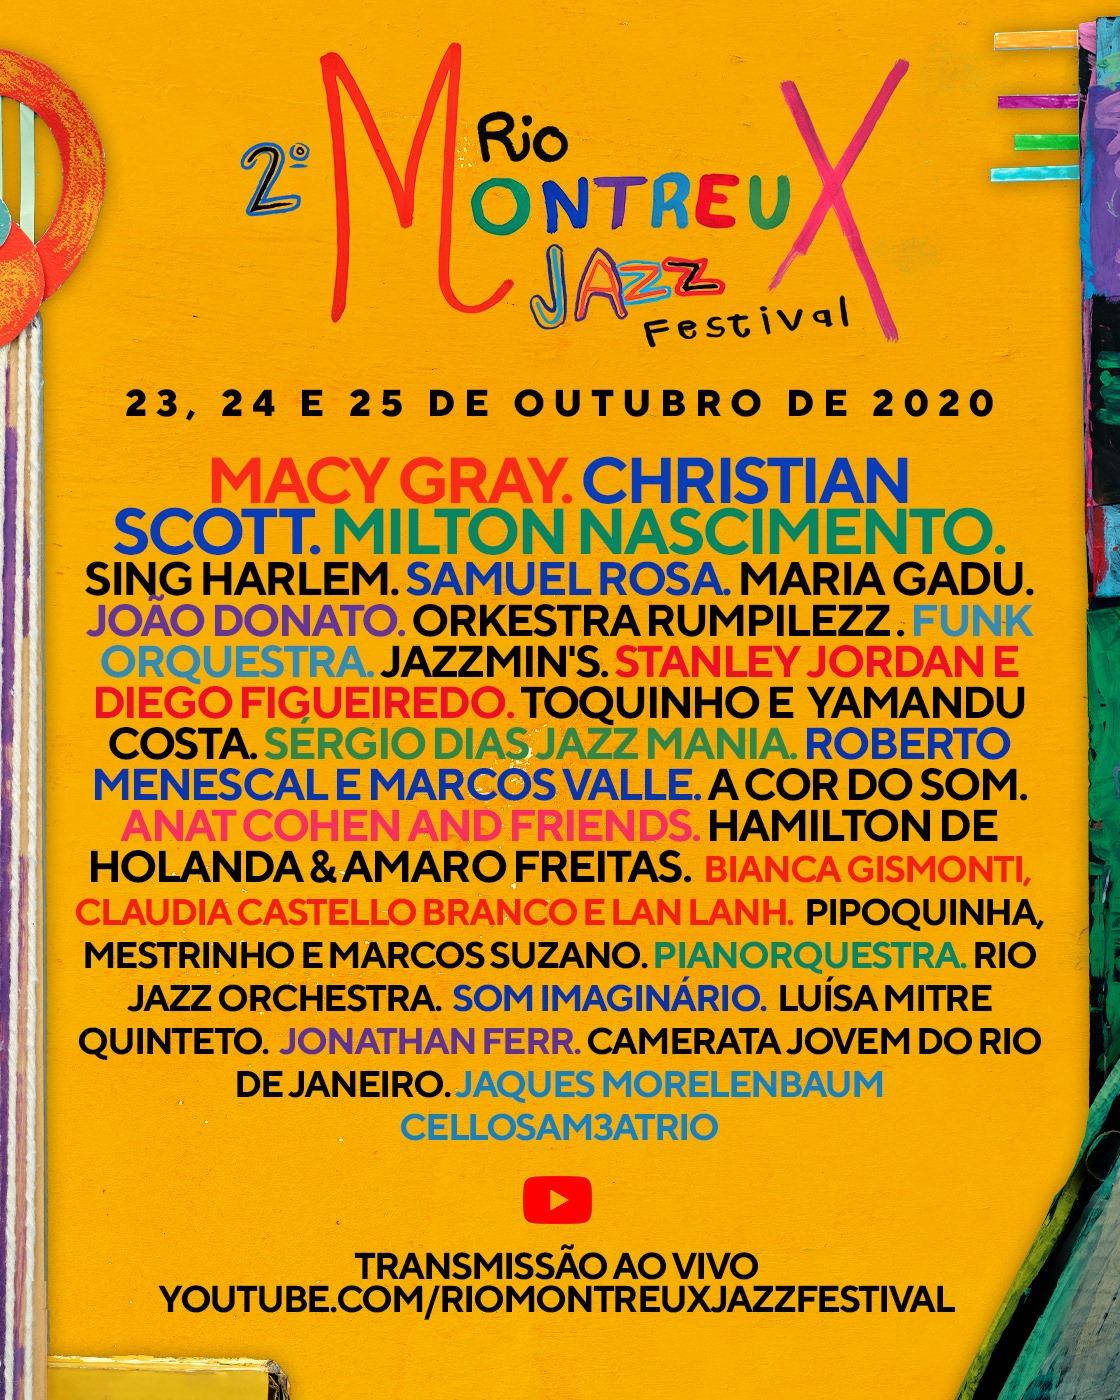 rio montreux jazz festival 2020